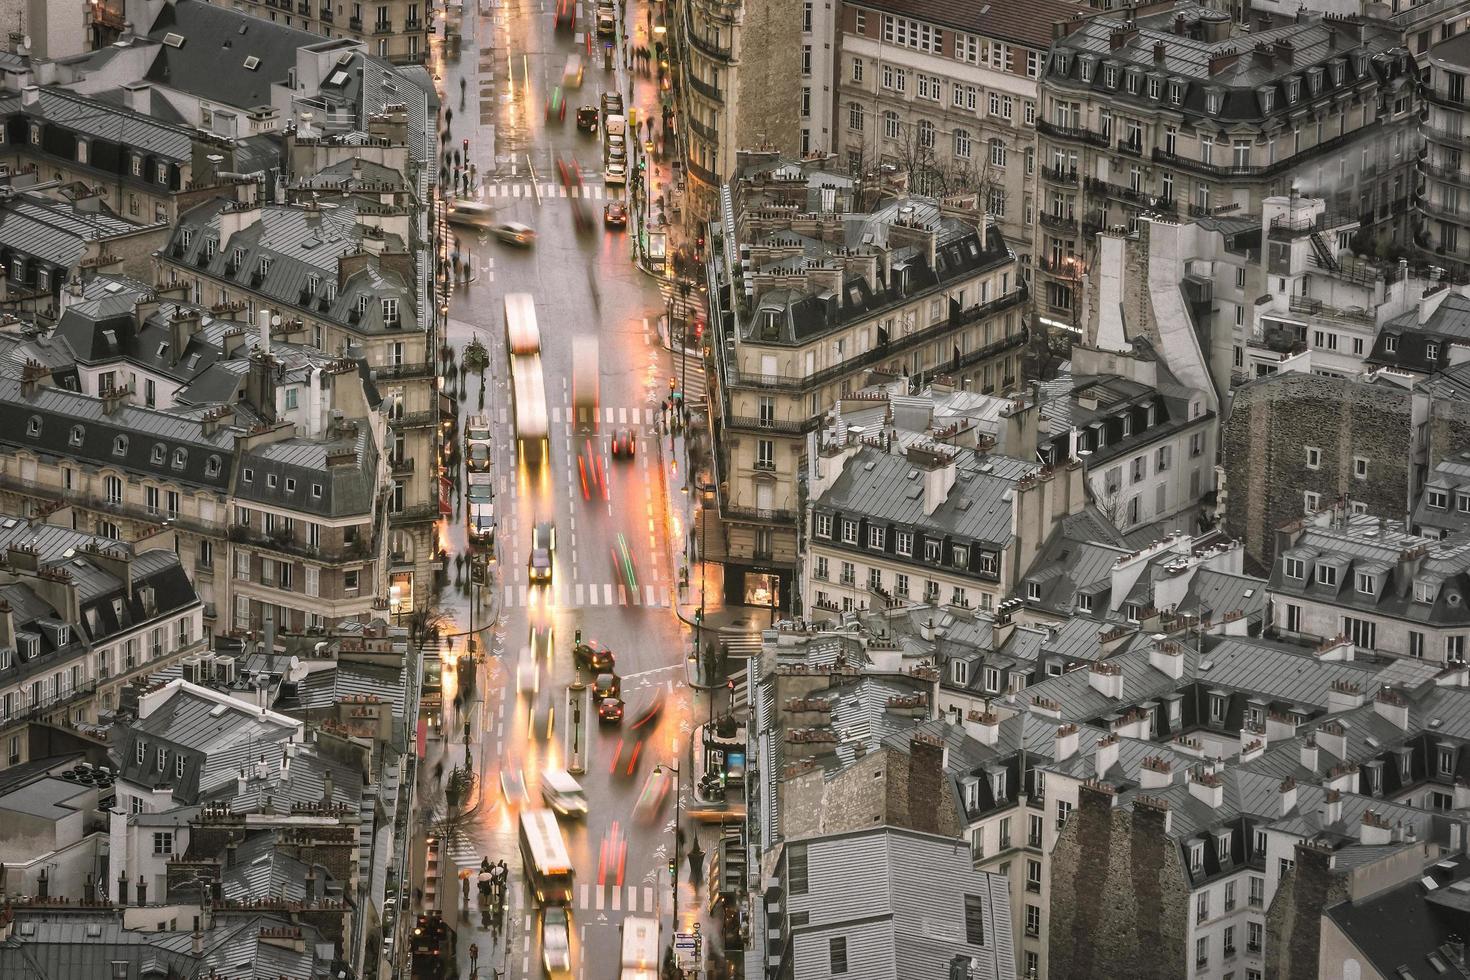 Luftaufnahme von Paris in der Altstadt foto